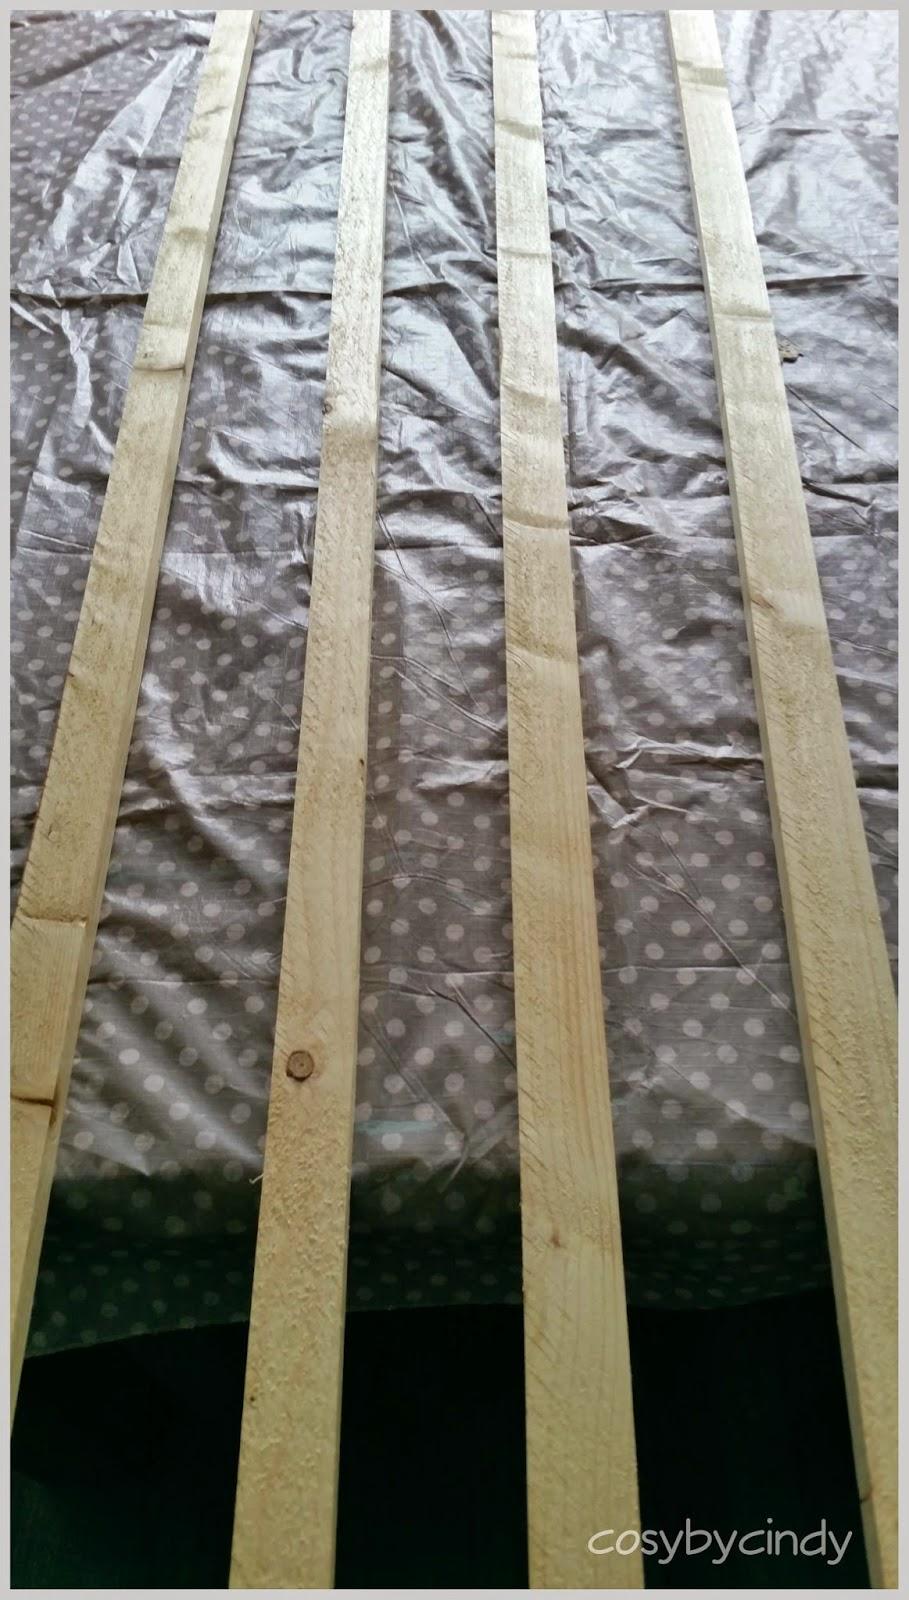 Extreem Cosy by Cindy - Altijd iets leuks te vinden: Decoratie ladder voor  #QP38